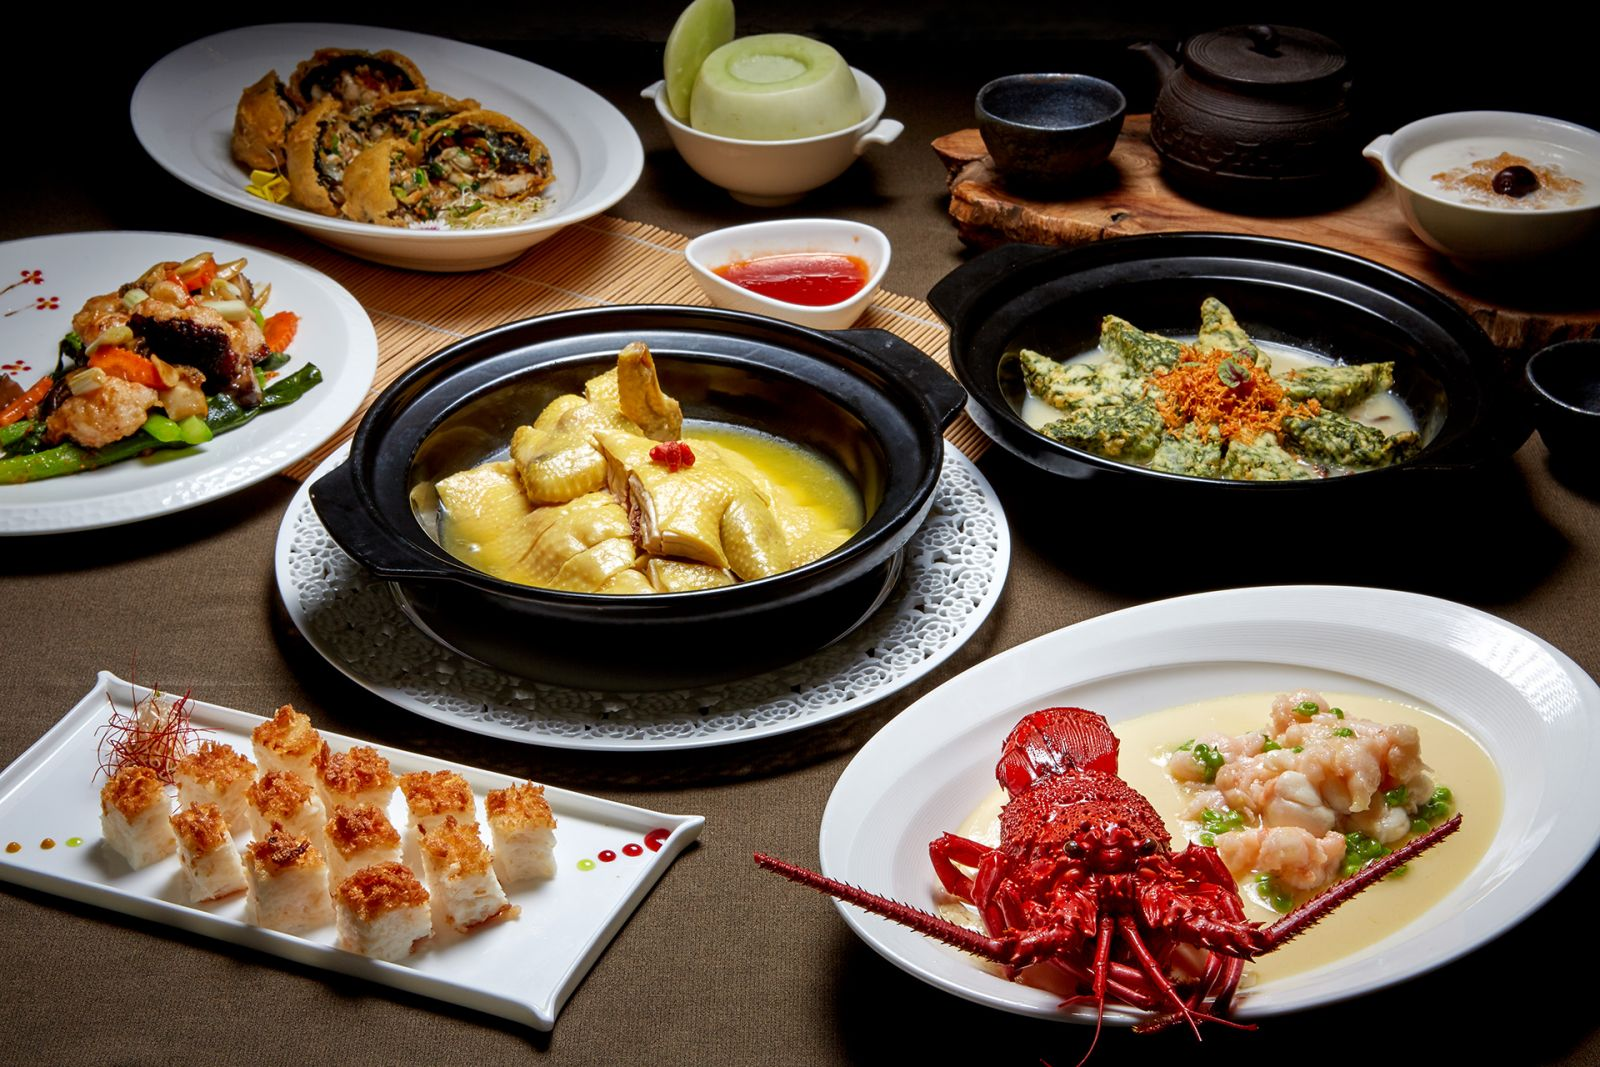 【國賓粵菜廳】「香菇韭香鮮蚵餅」粵菜有台味 「國賓粵菜廳」推創新料理